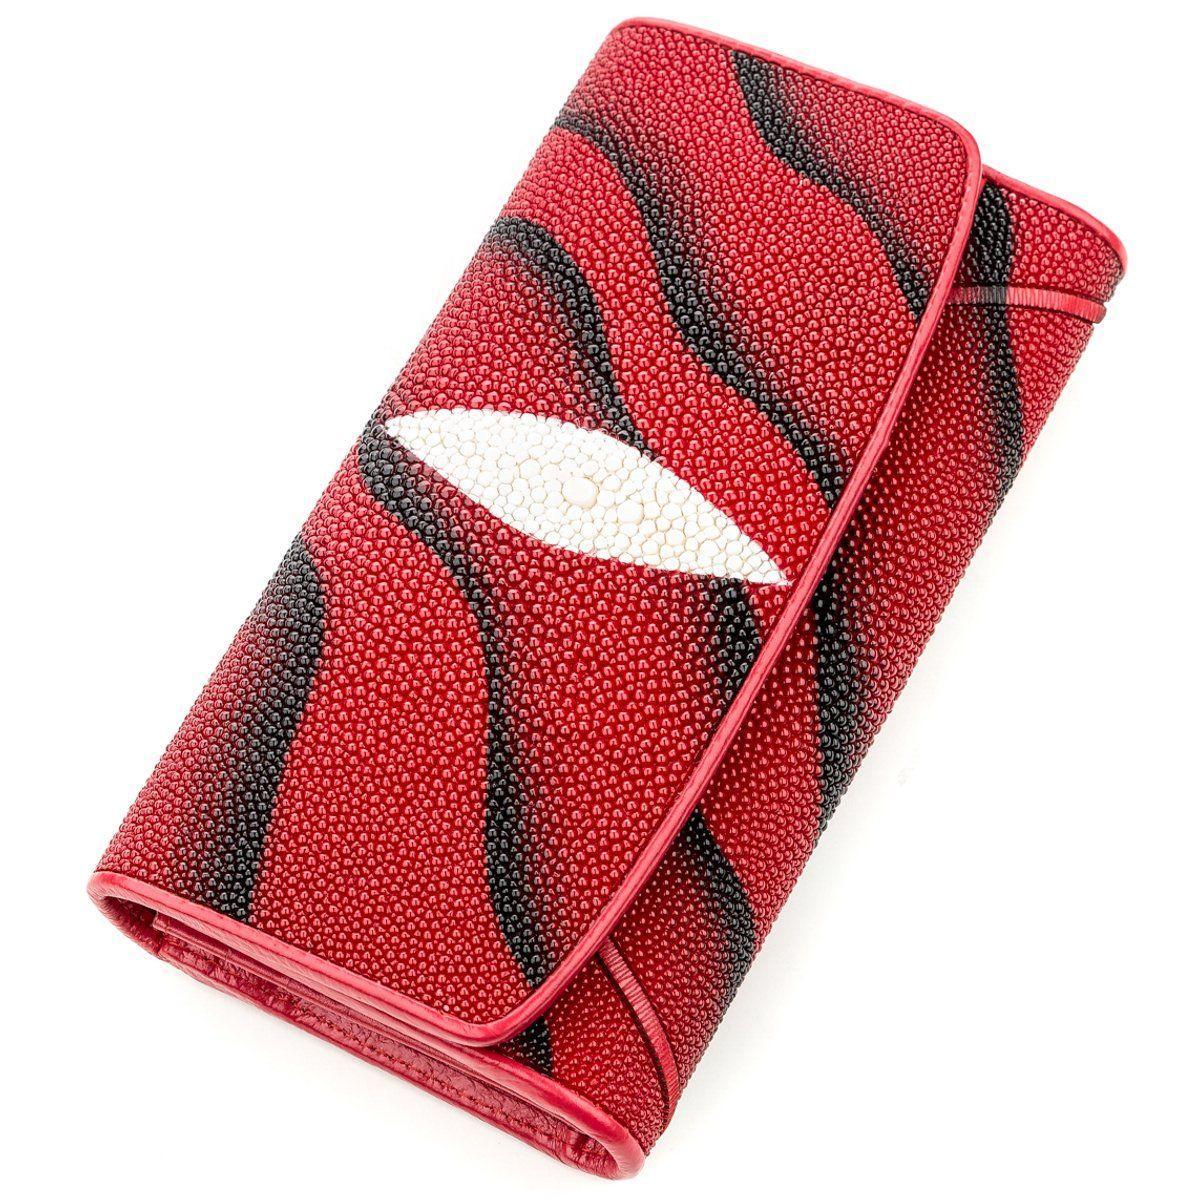 Гаманець Жіночий Stingray Leather 18536 З Натуральної Шкіри Морського Скату Червоний, Червоний